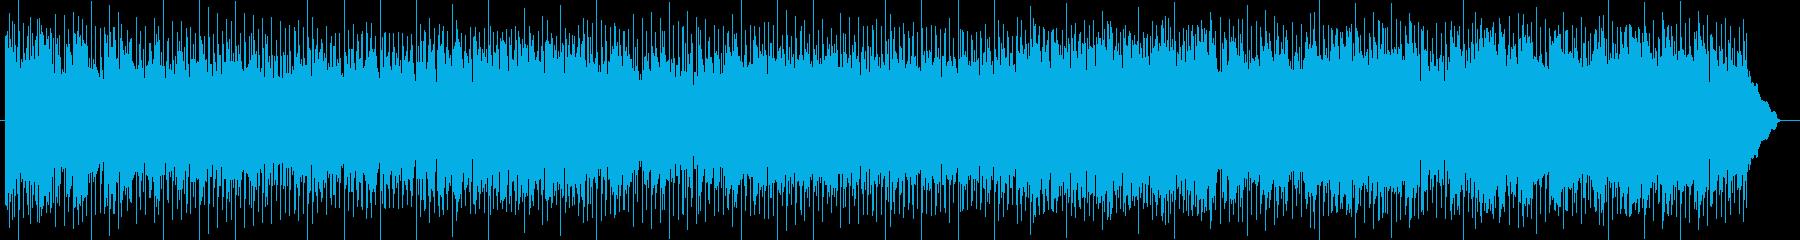 クールで疾走感のあるテクノAORポップの再生済みの波形